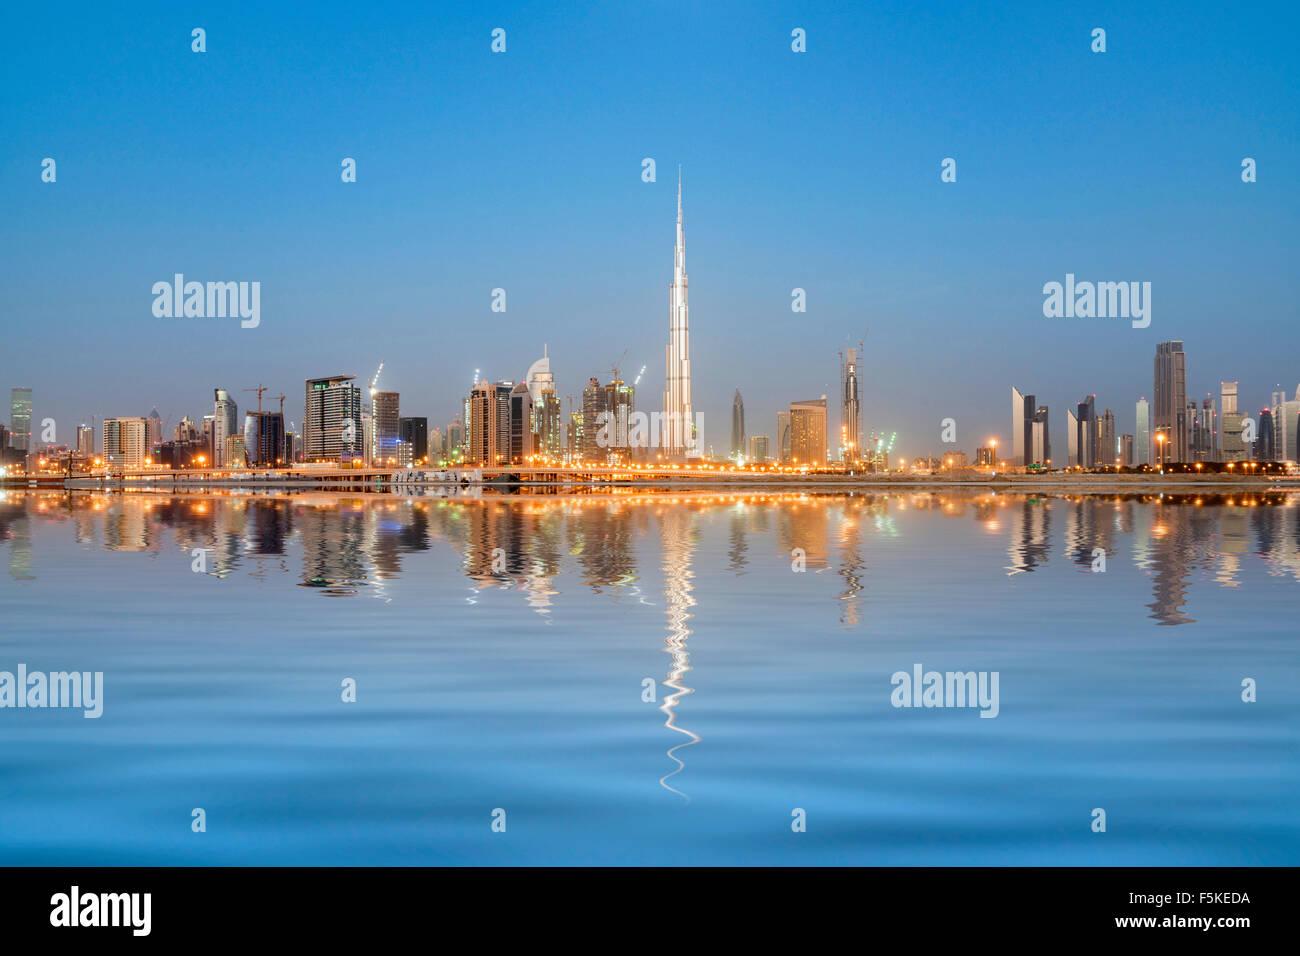 Skyline von Türme spiegelt sich im Bach im Morgengrauen in Business Bay in Dubai Vereinigte Arabische Emirate Stockbild